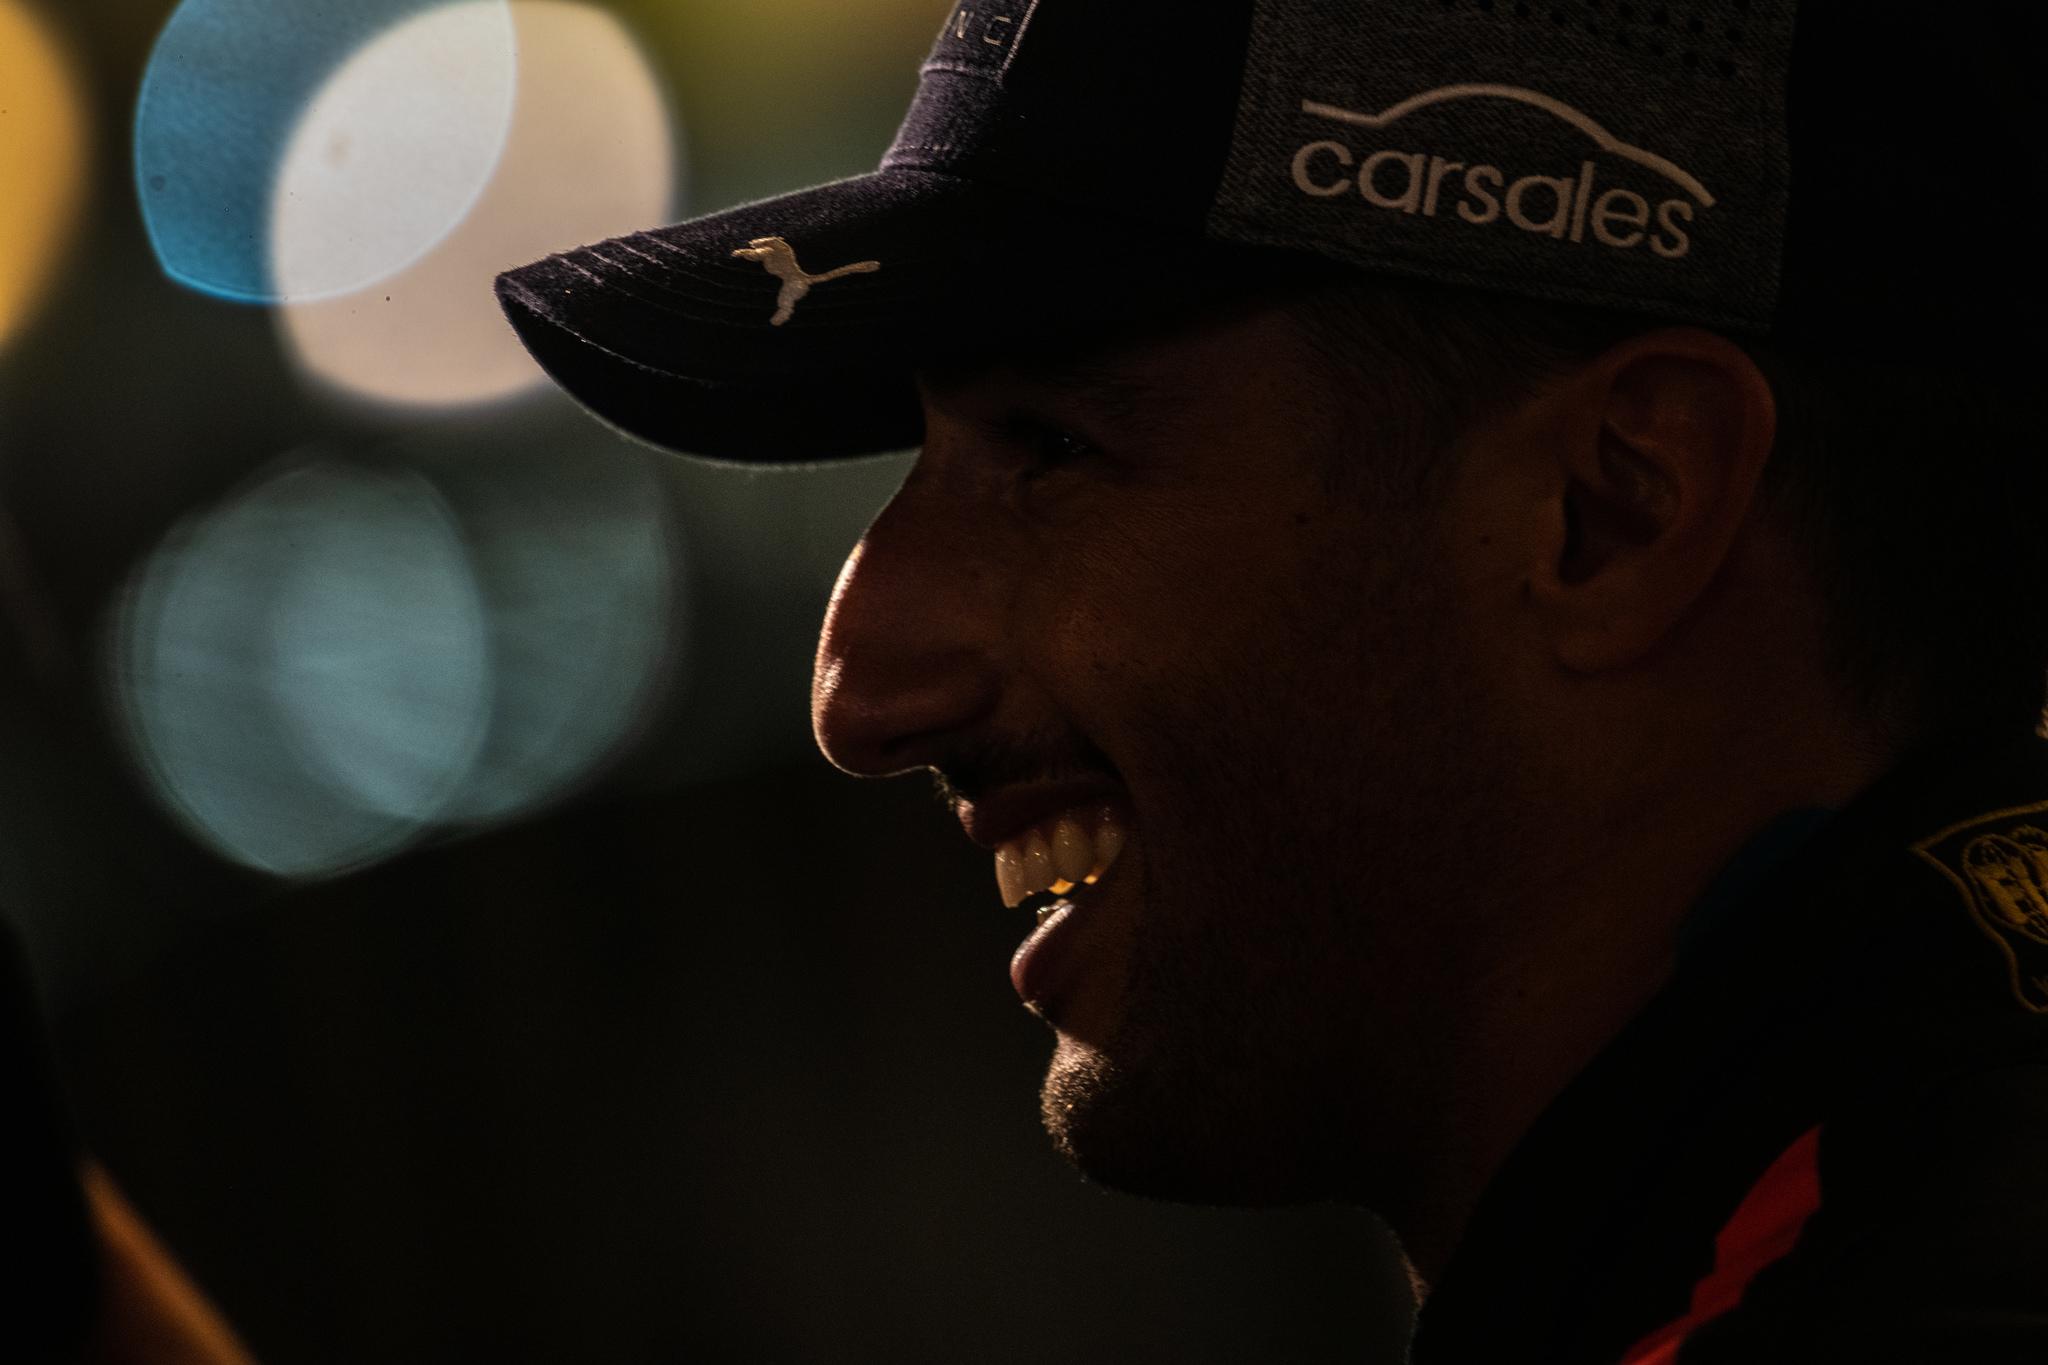 Daniel Ricciardo in Formula 1: Drive to Survive (2019)